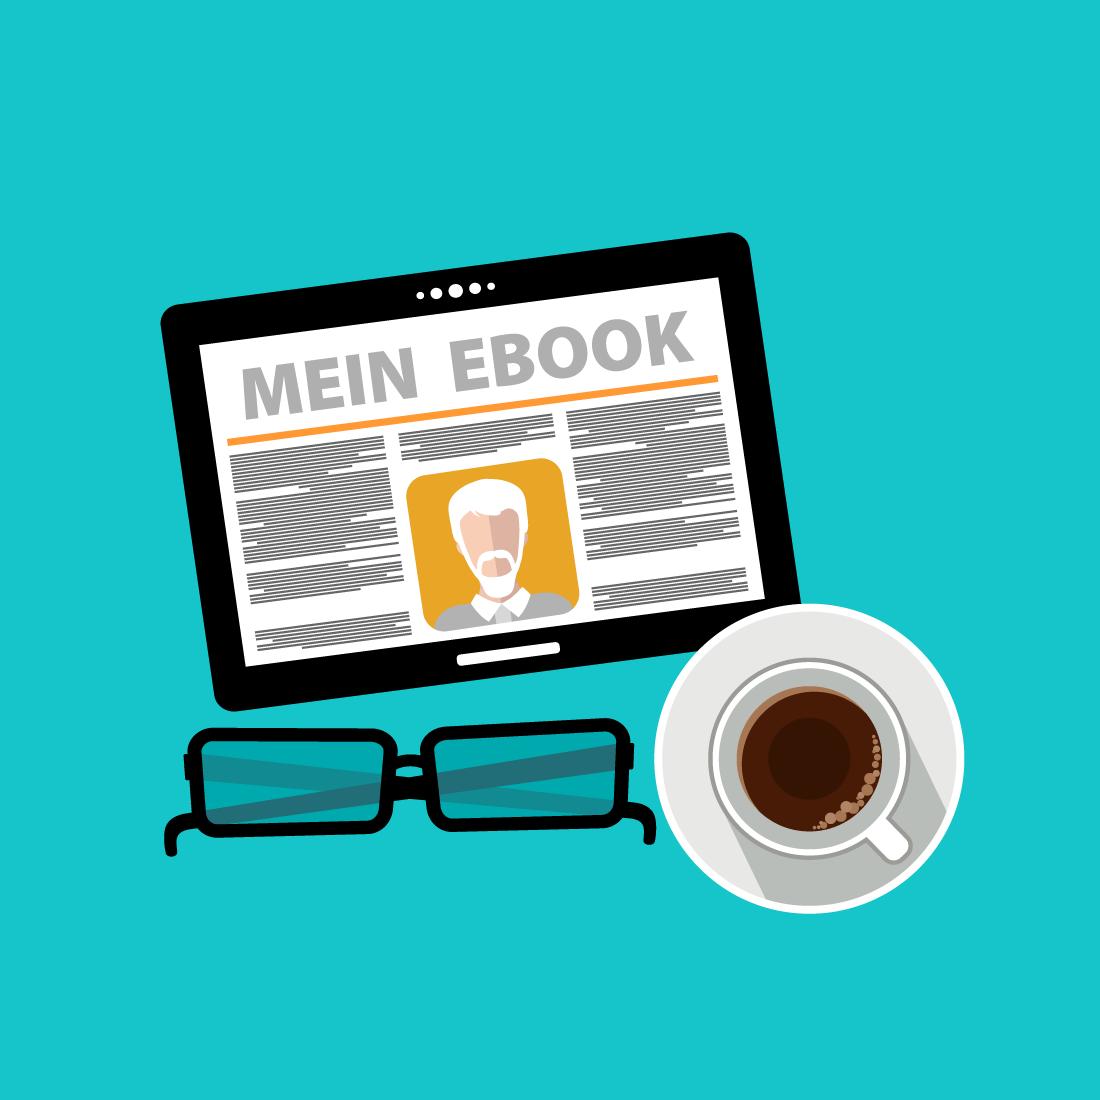 Eigenes Buch als Ebook erstellen